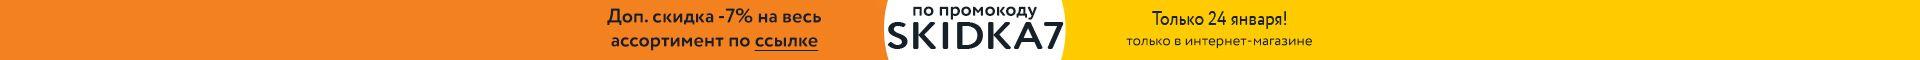 7% по коду Skidka7 сквозной